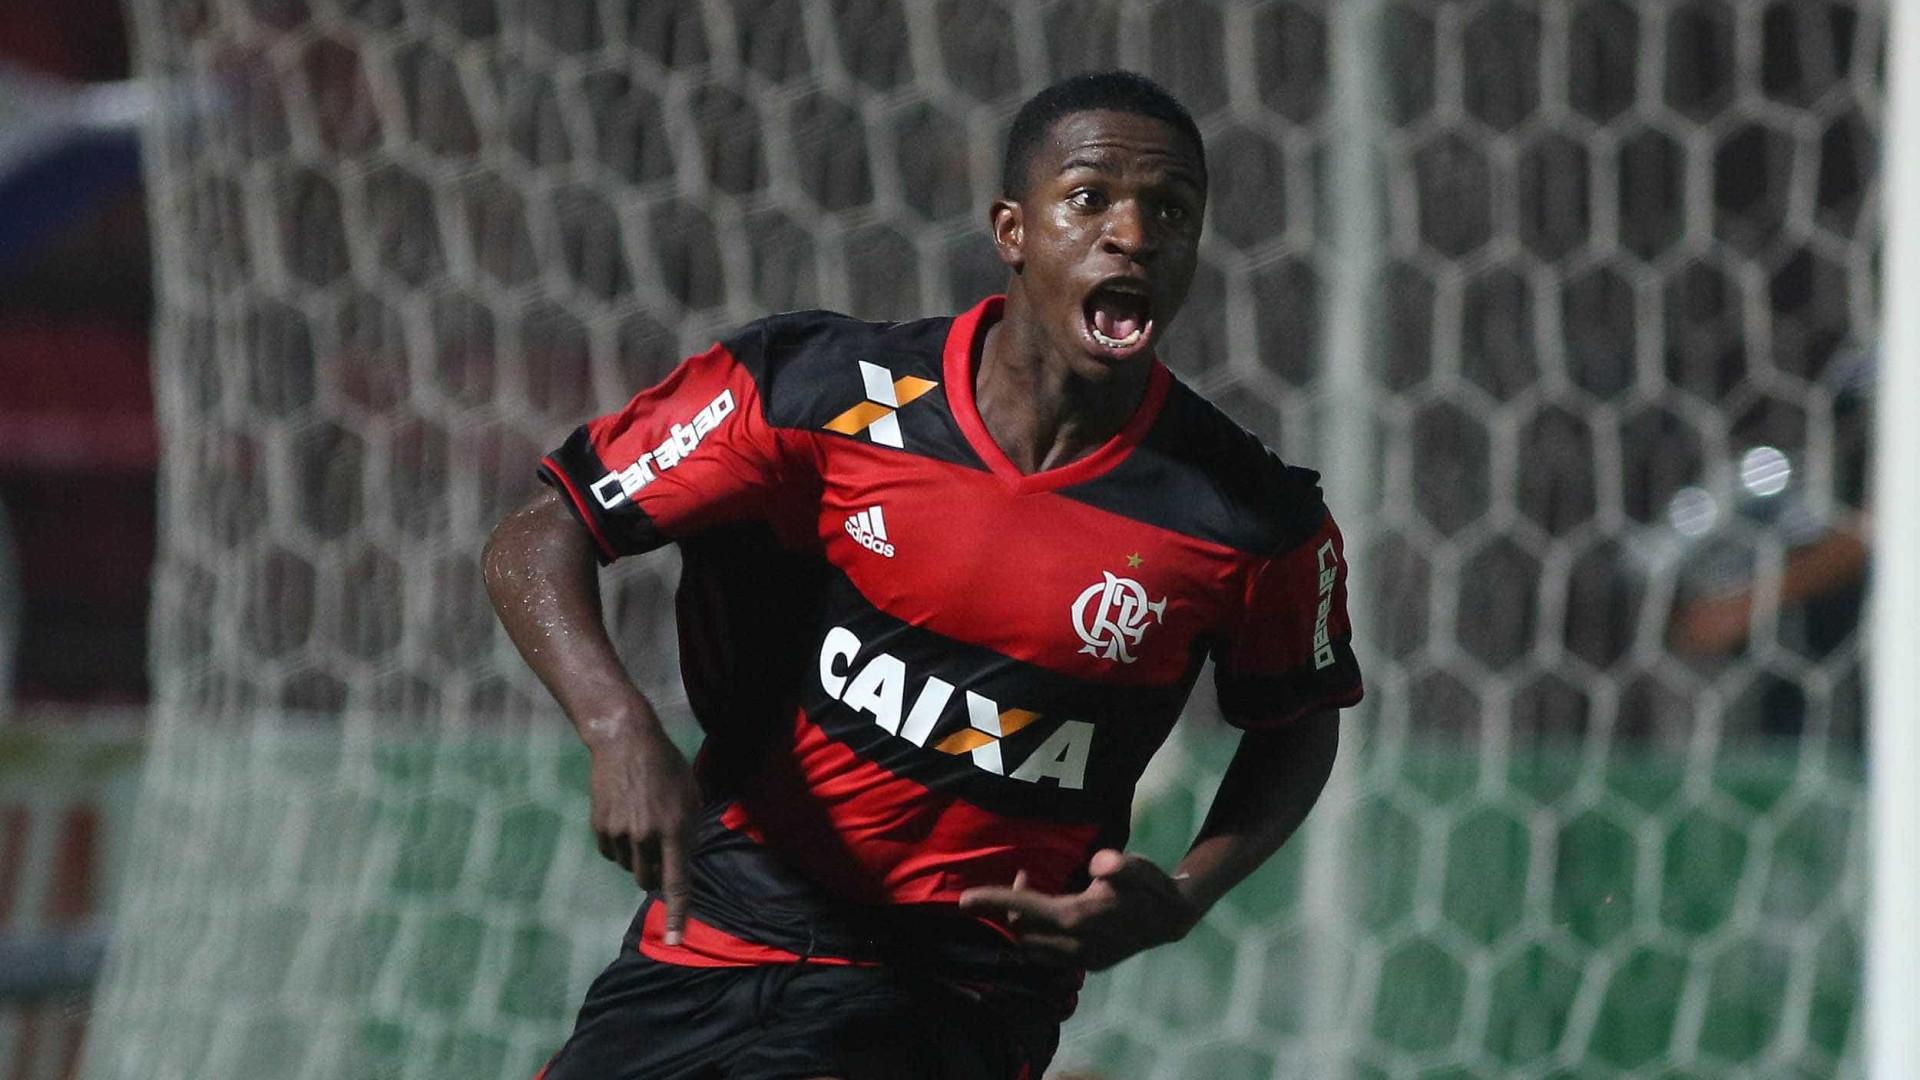 Fla promove Vinicius Júnior e faz plano de carreira para o jogador